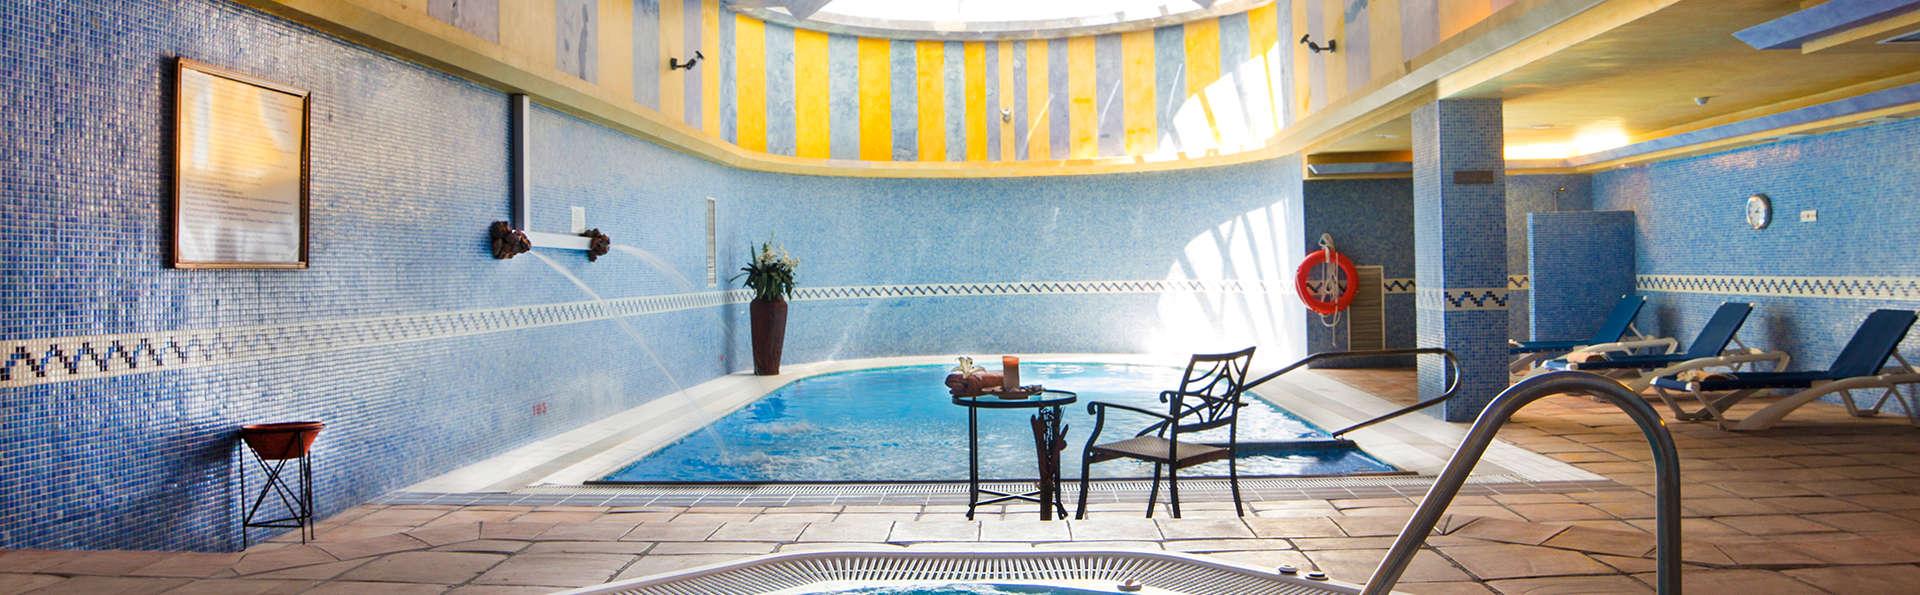 ¡Oferta especial! Evasión en media pensión en un hotel 4 estrellas, Antequera